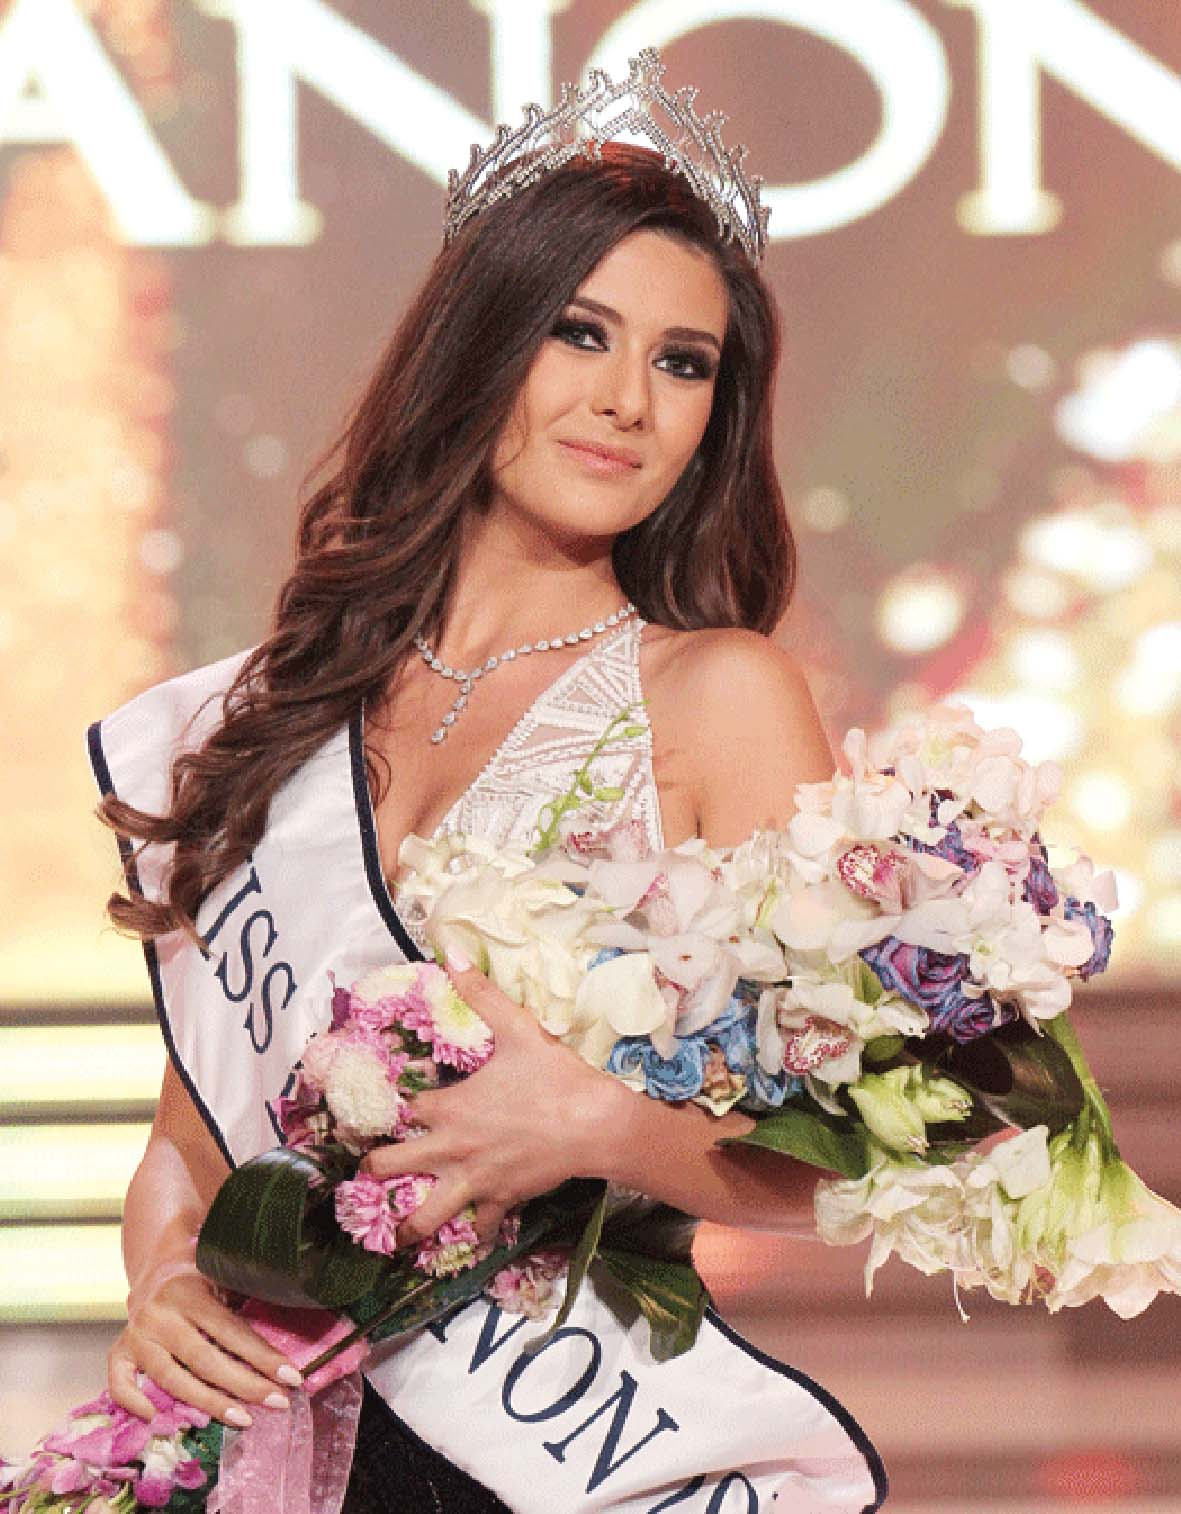 صورة ملكة جمال إسرائيل تسبب مشكلة لملكة جمال لبنان